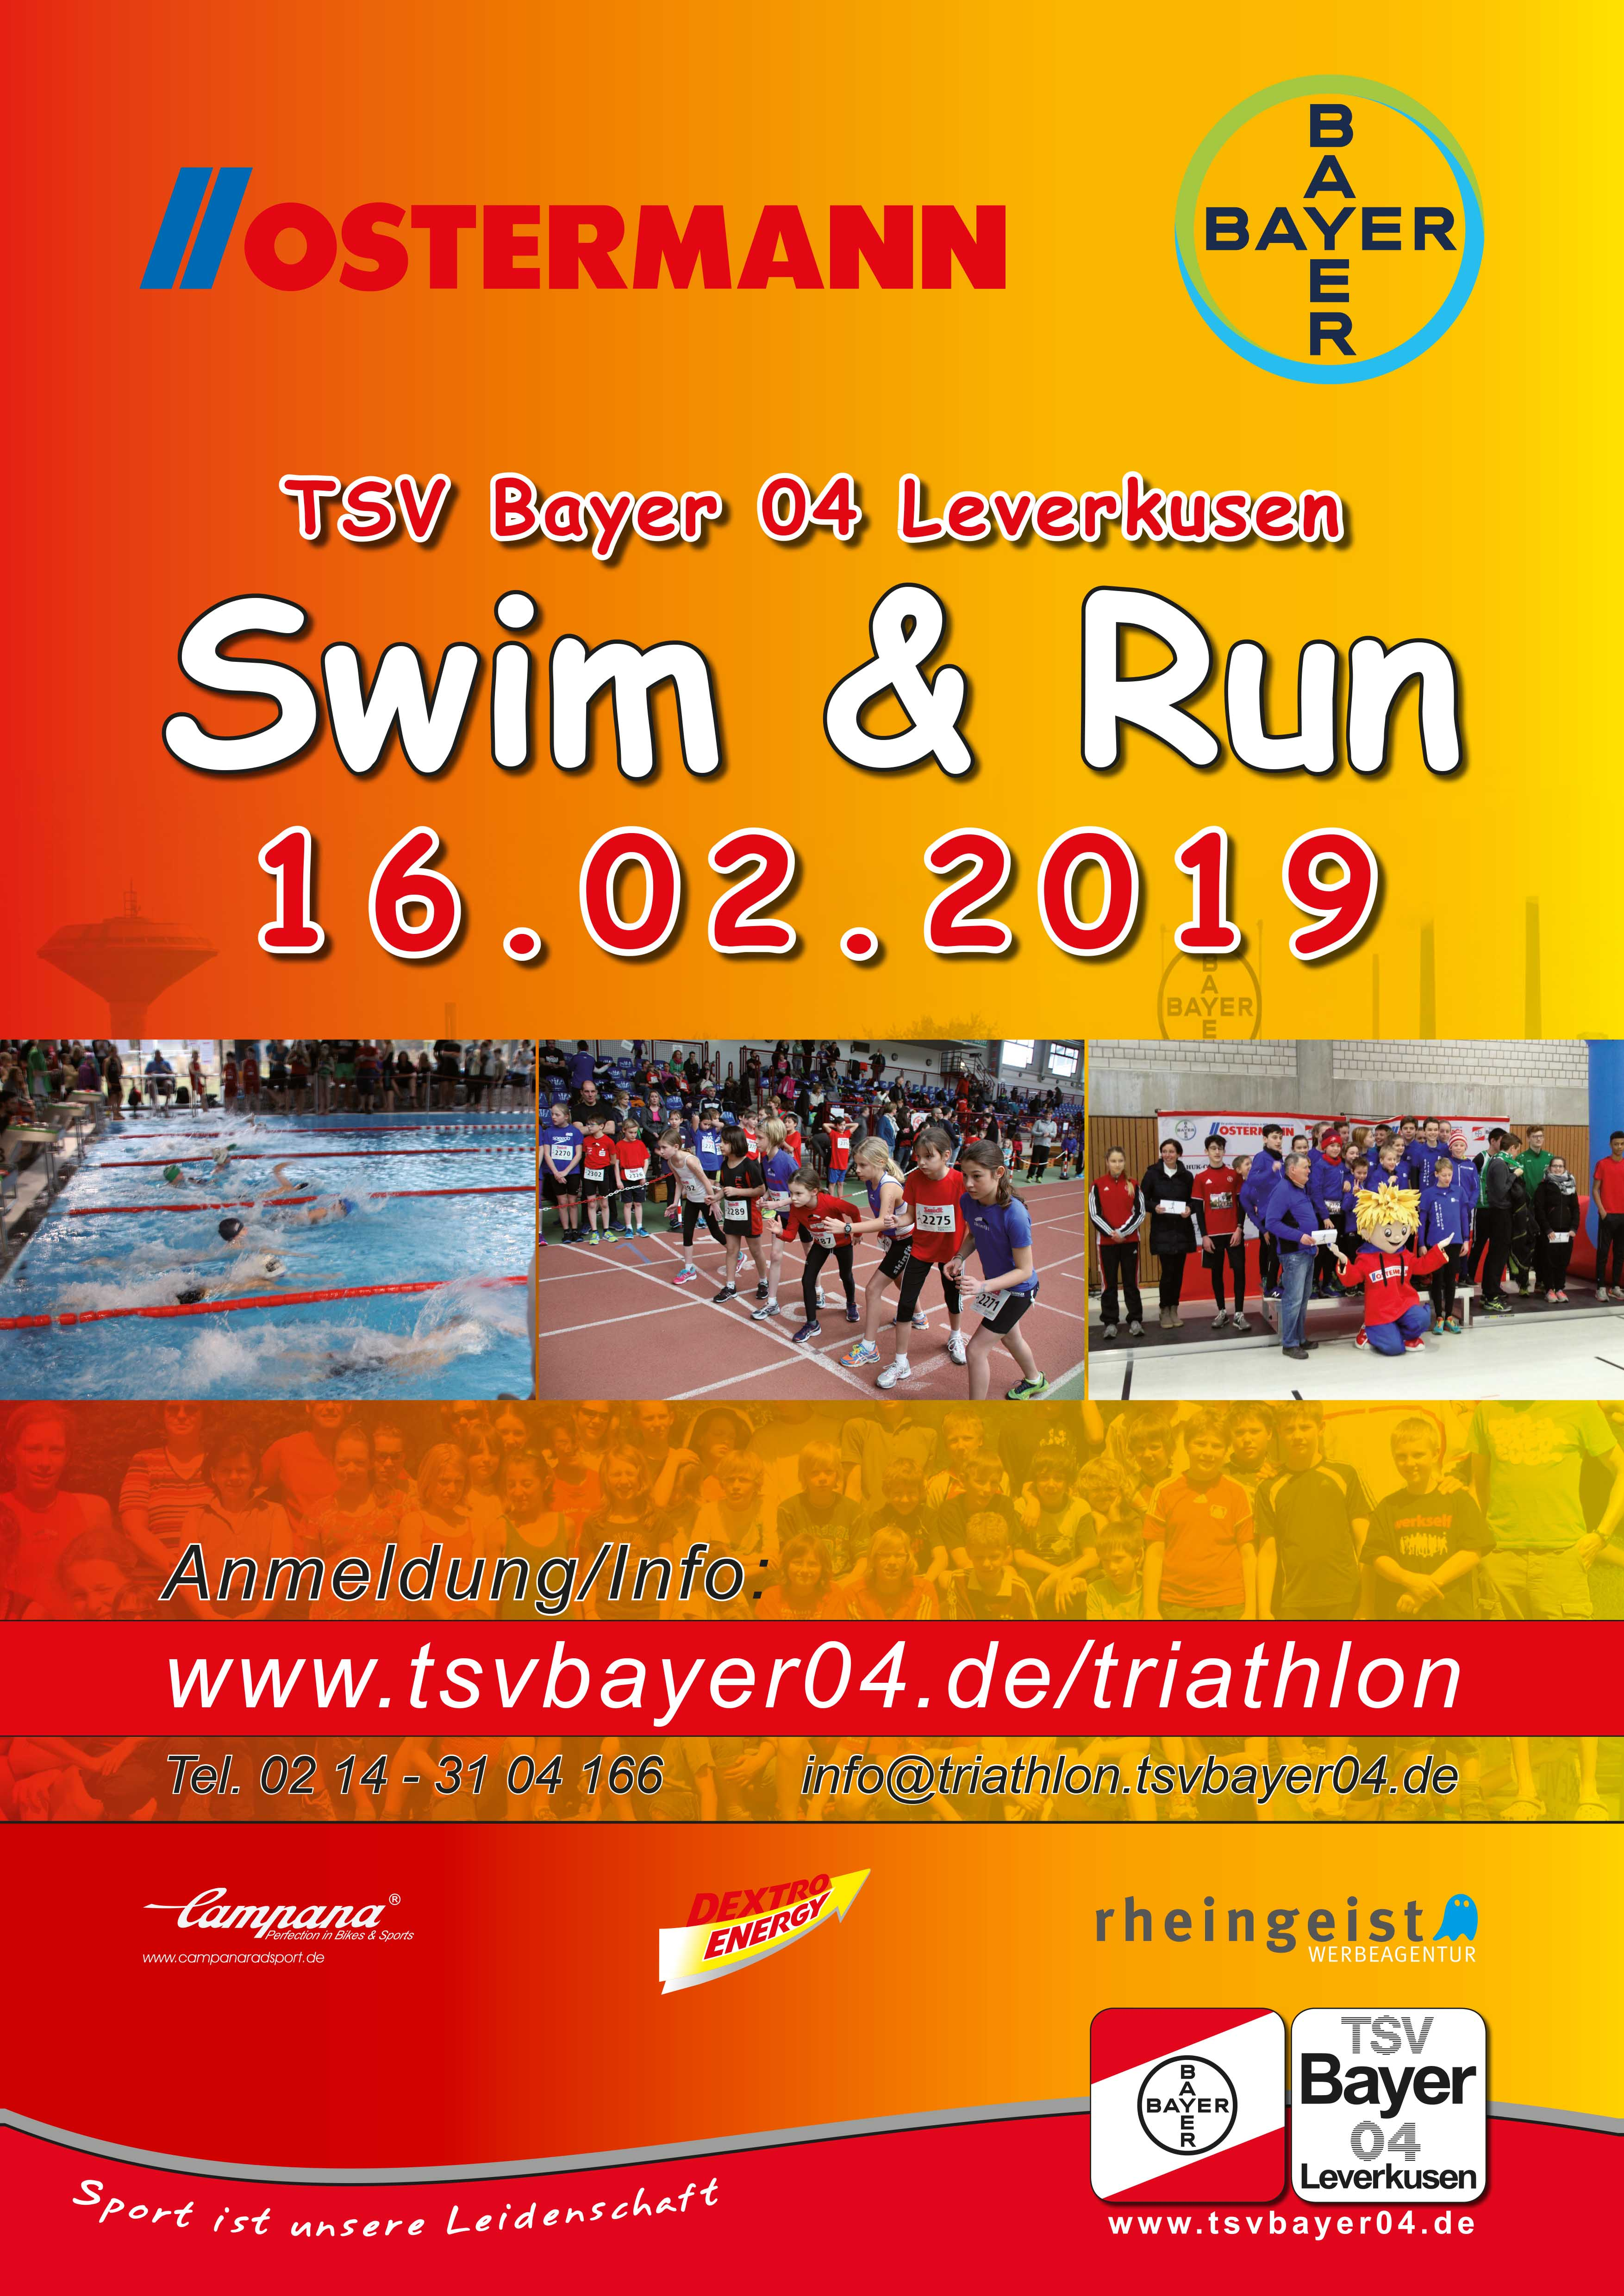 Ostermann Swim Run Tsv Bayer 04 Leverkusen Ev